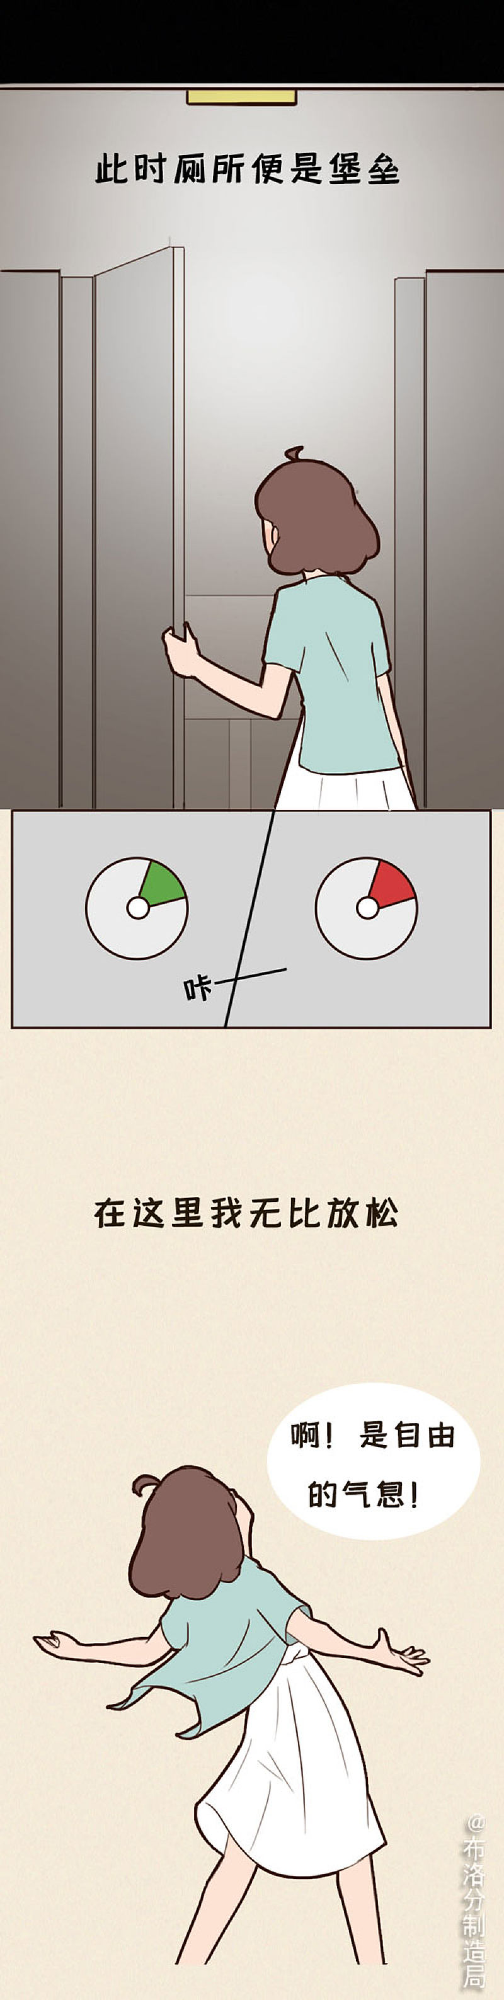 社恐2-2.jpg